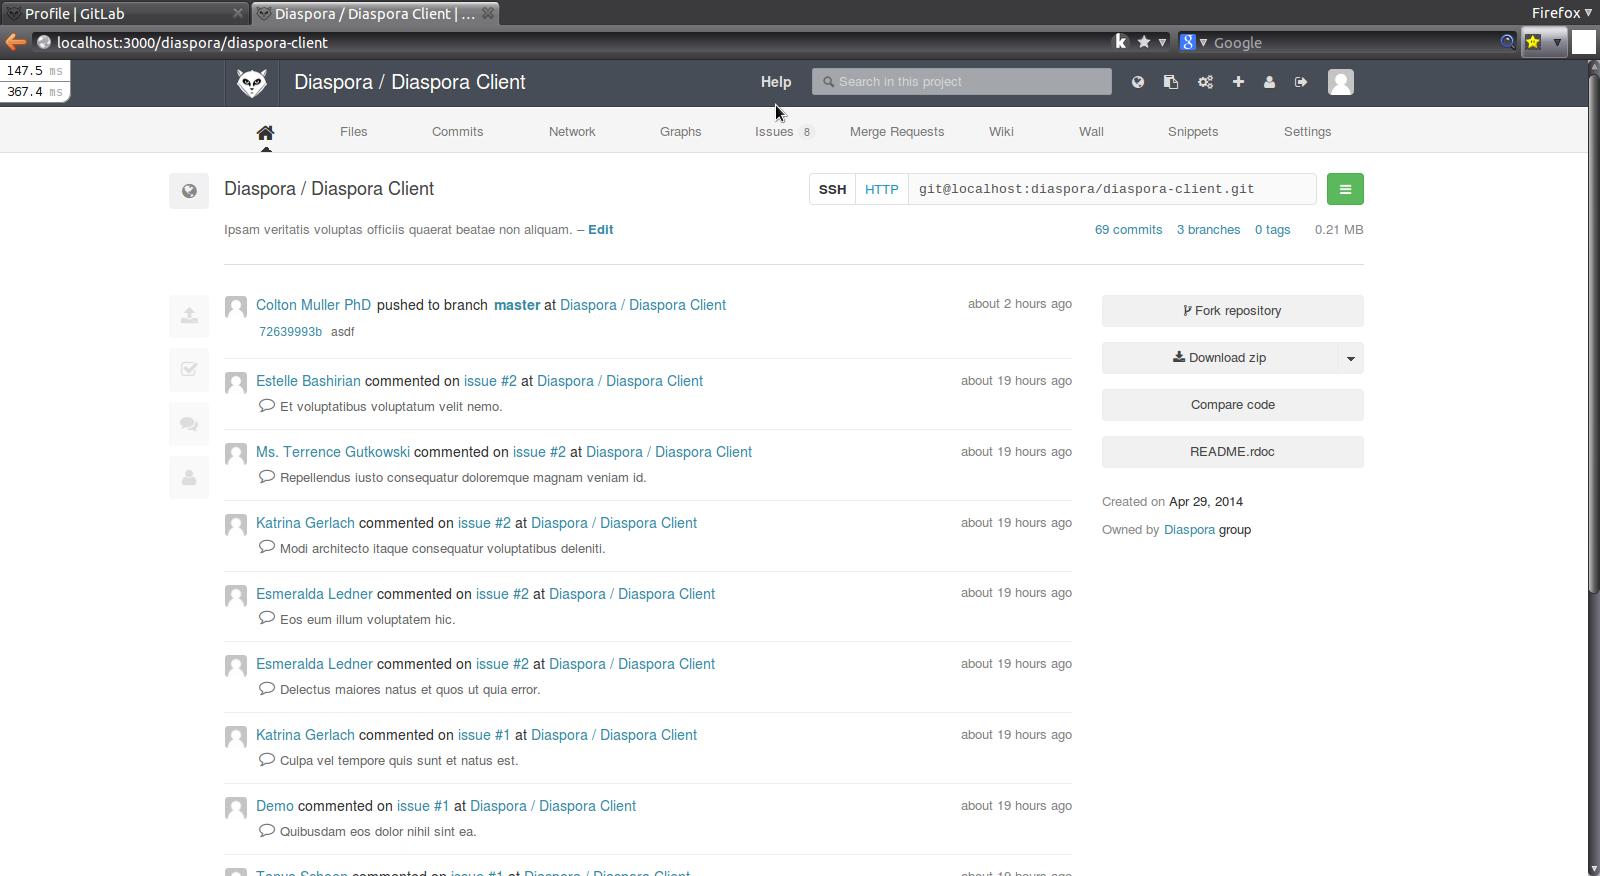 screenshot from 2014-04-30 12 26 22